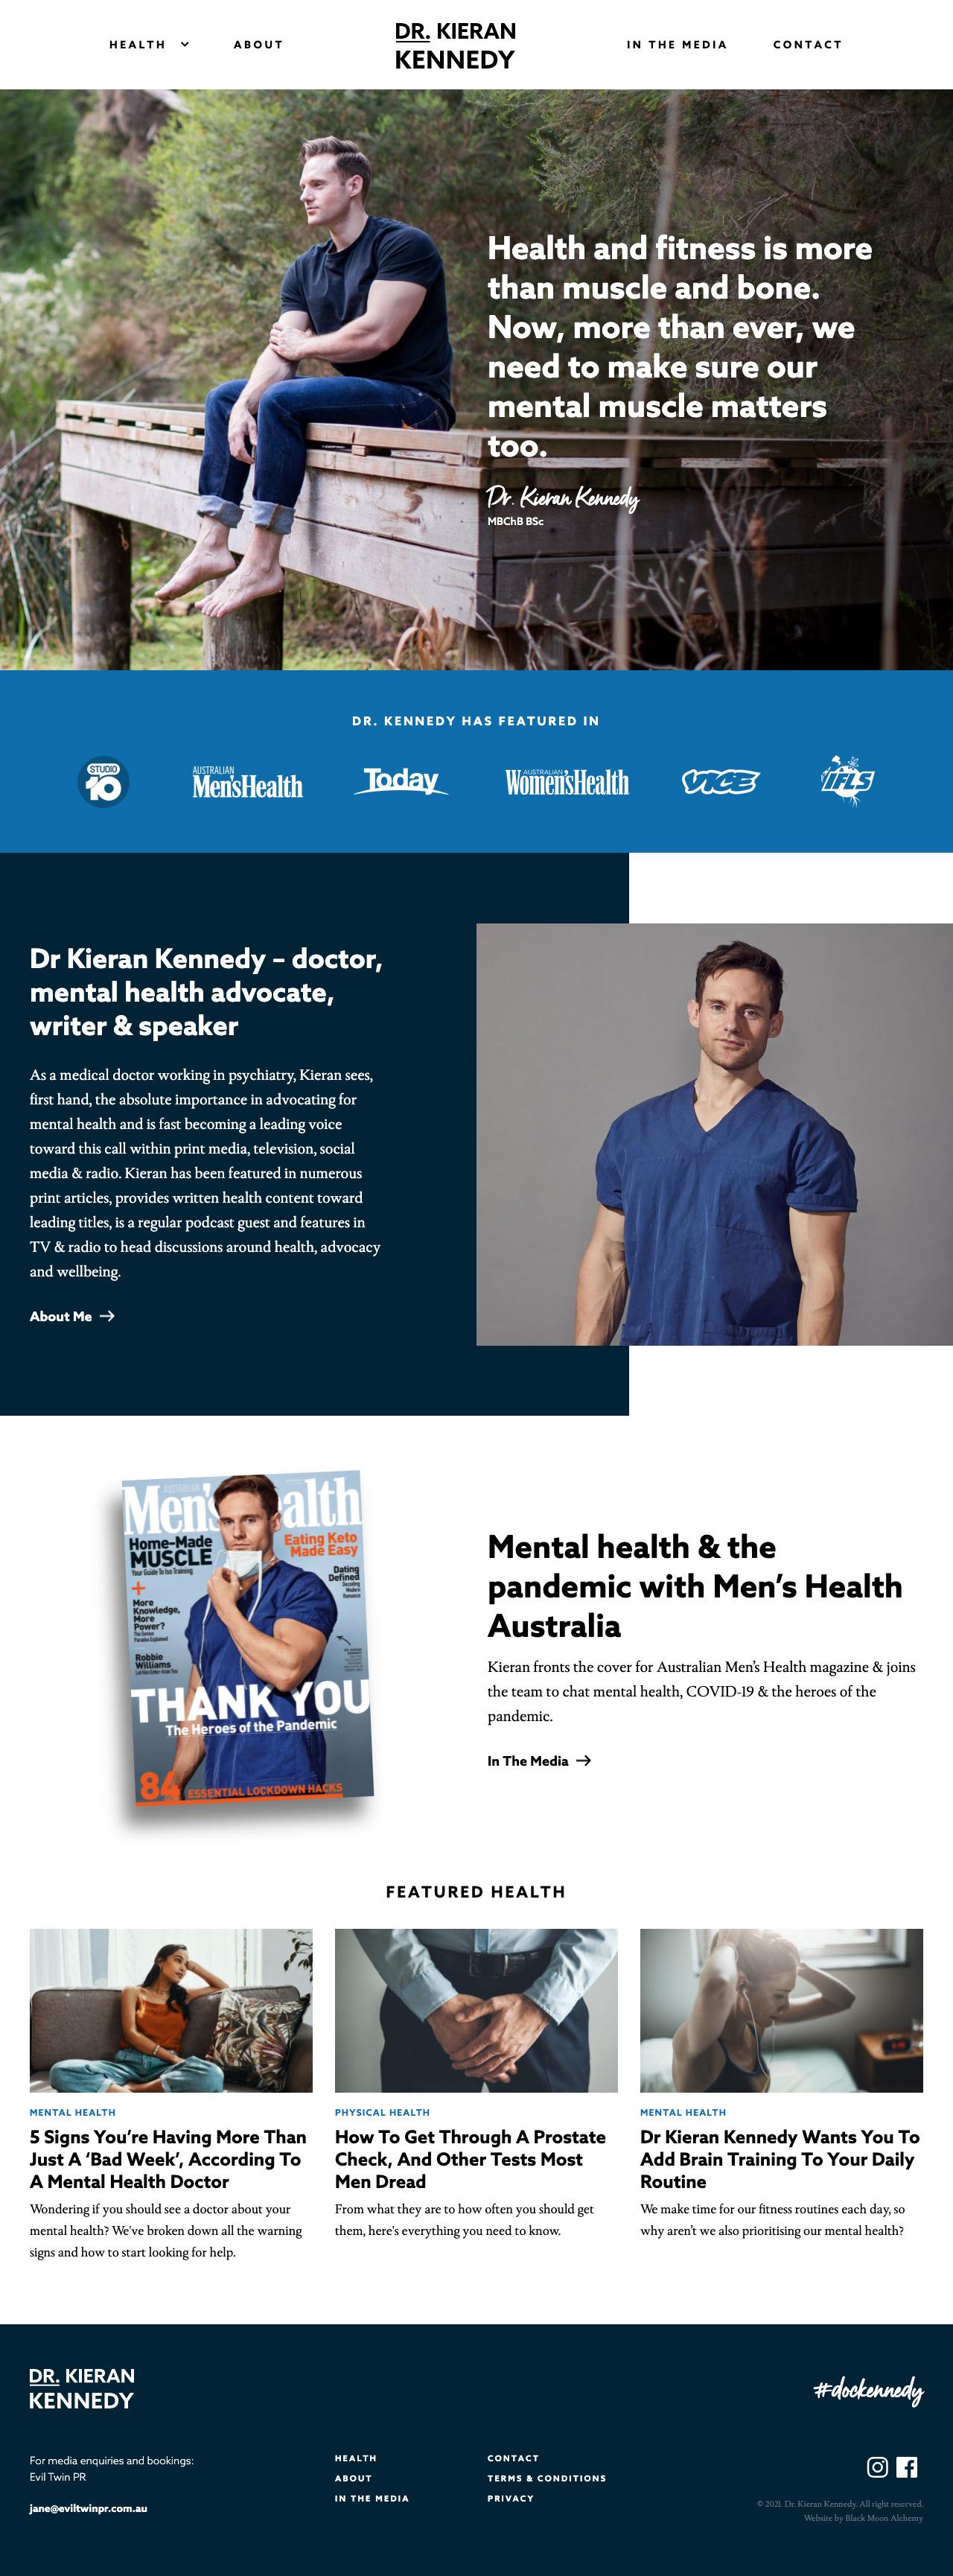 Dr. Kieran Kennedy website homepage